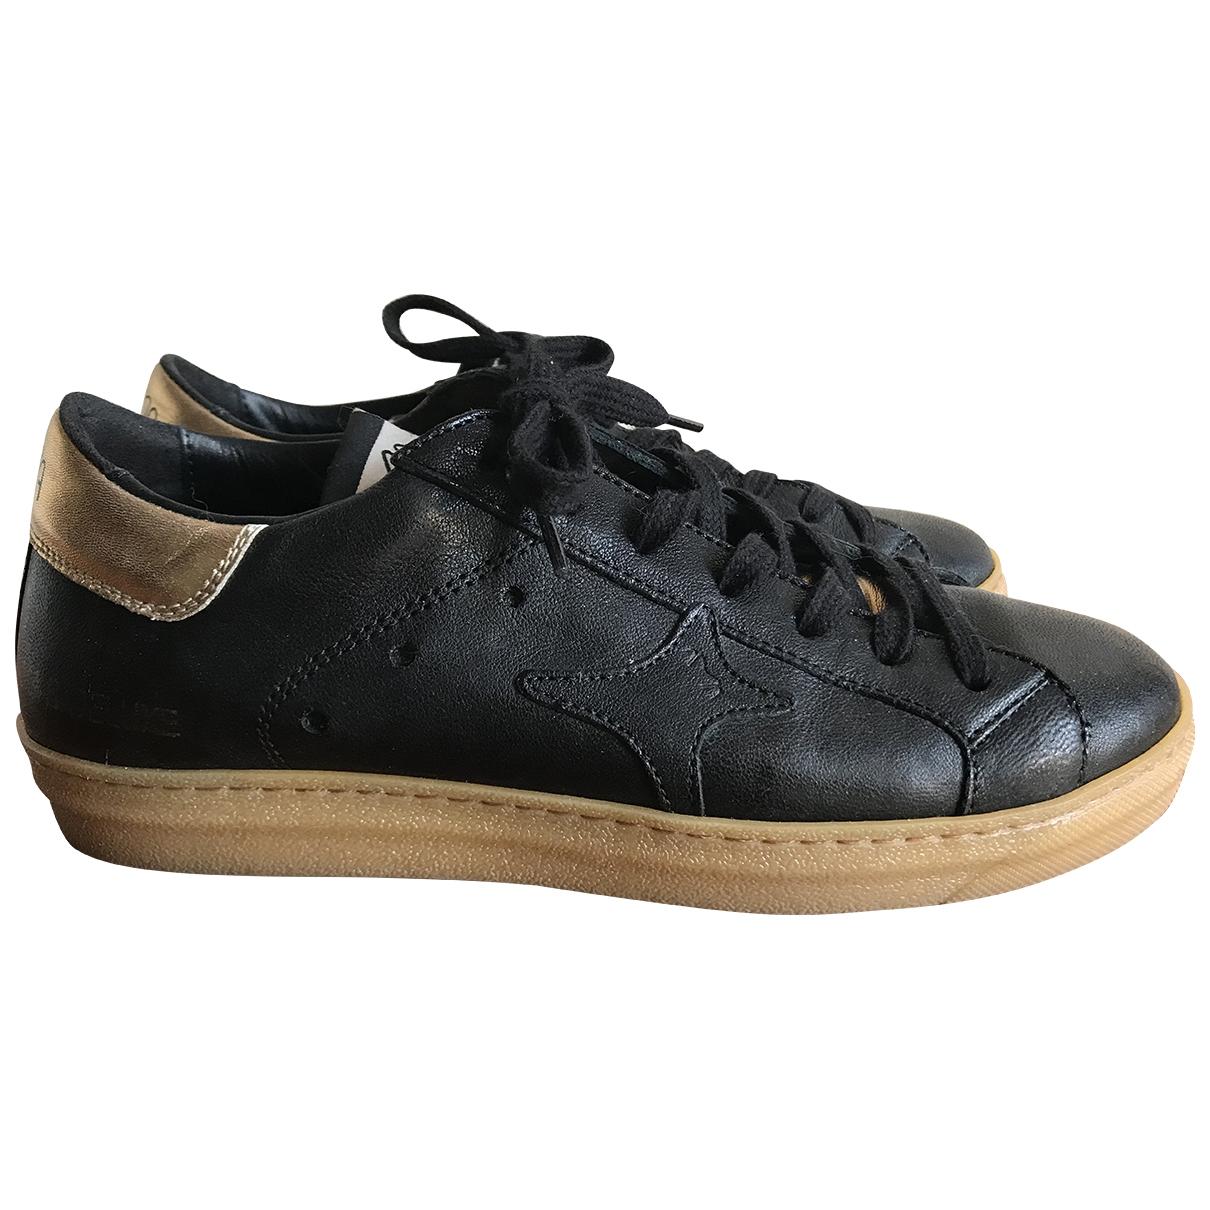 Ama Brand - Baskets   pour femme en cuir - noir